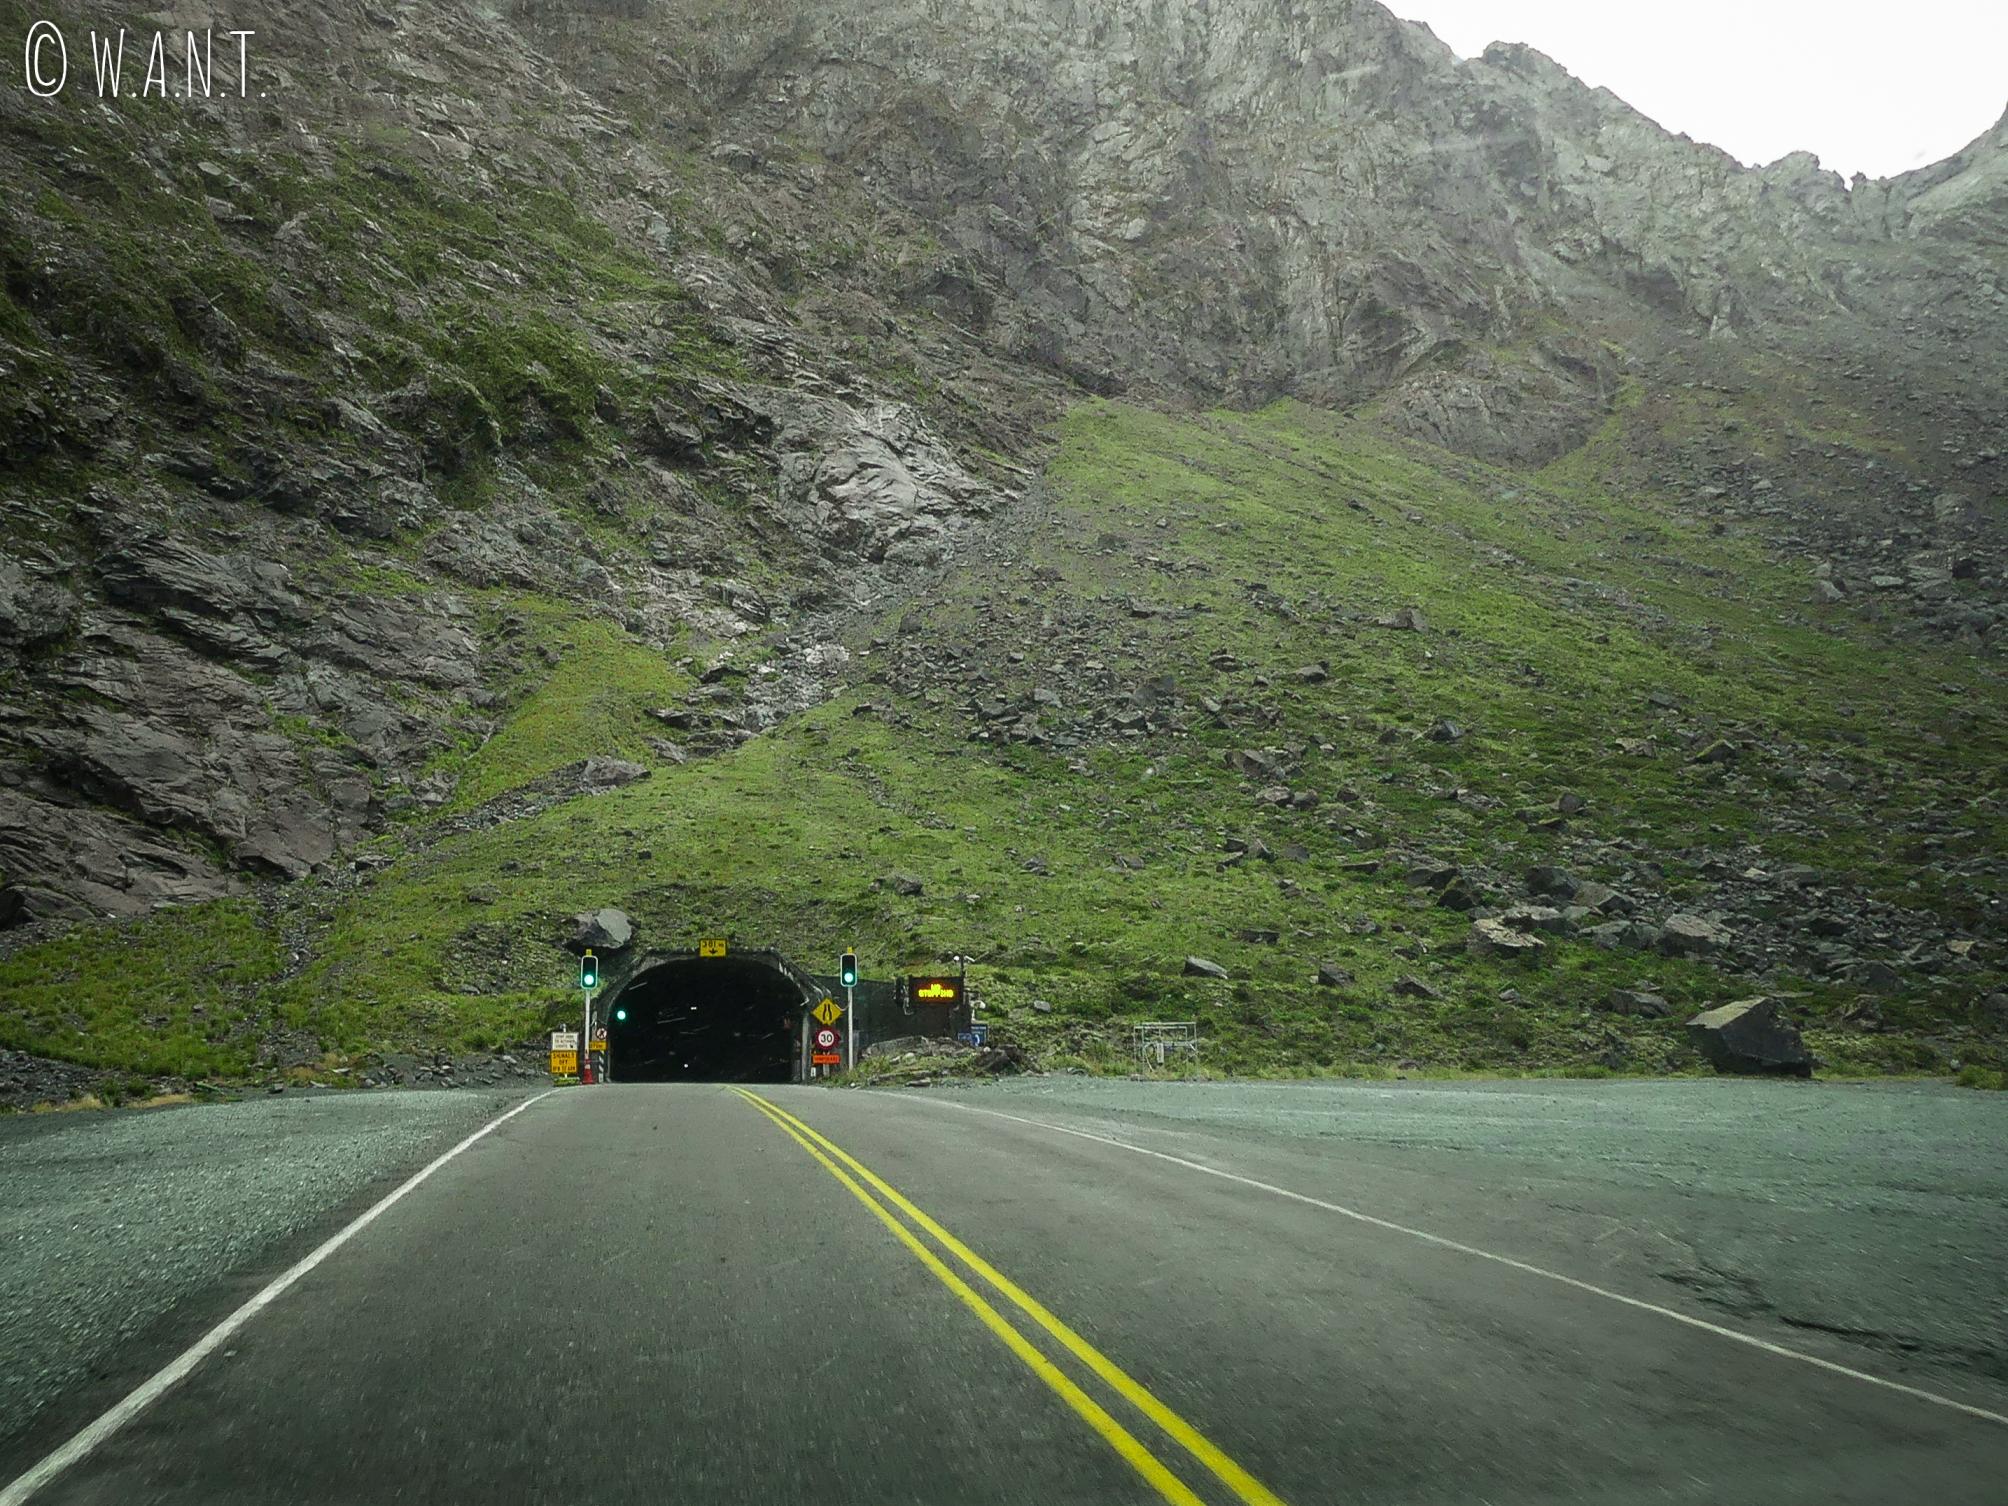 Entrée du Homer Tunnel creusé à même la roche sur la route de Milford Soud en Nouvelle-Zélande